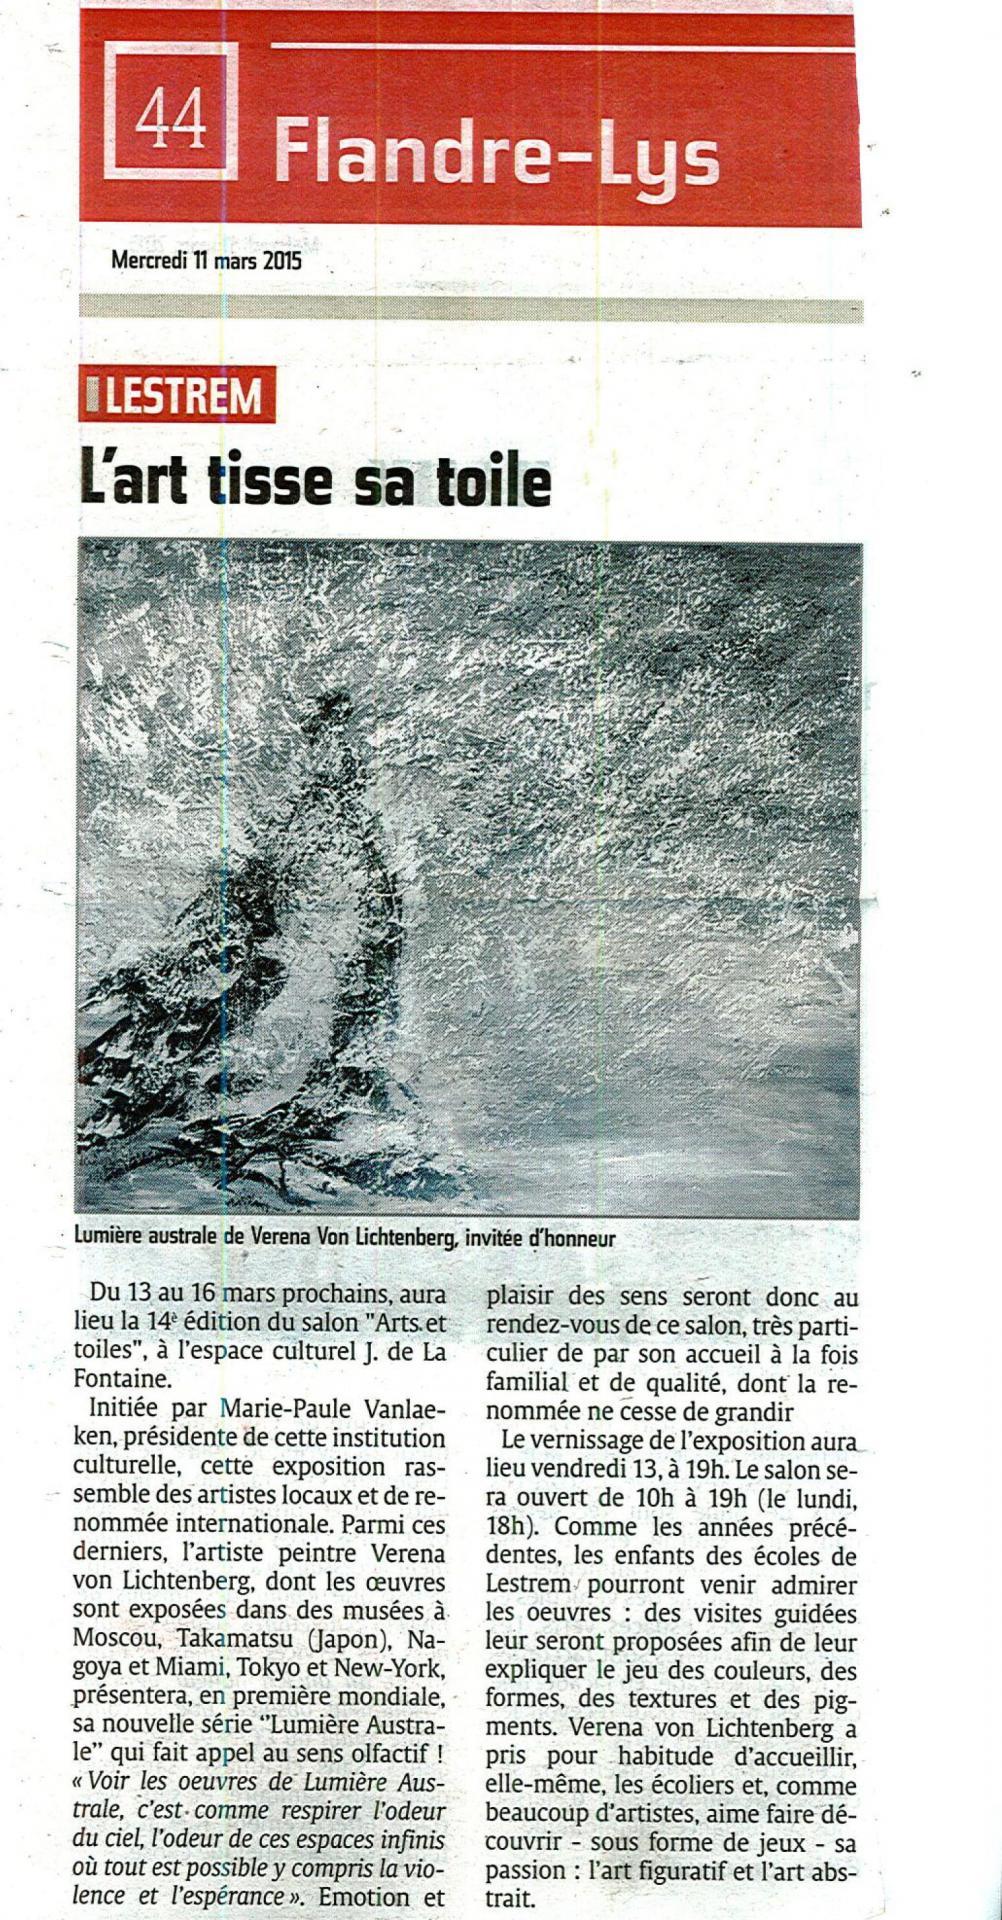 Presse l indicateur die ausstellung des kunstlerin verena von lichtenberg sie ist mit ihren gemalden bildern und kunstwerken in lestrem nord licht